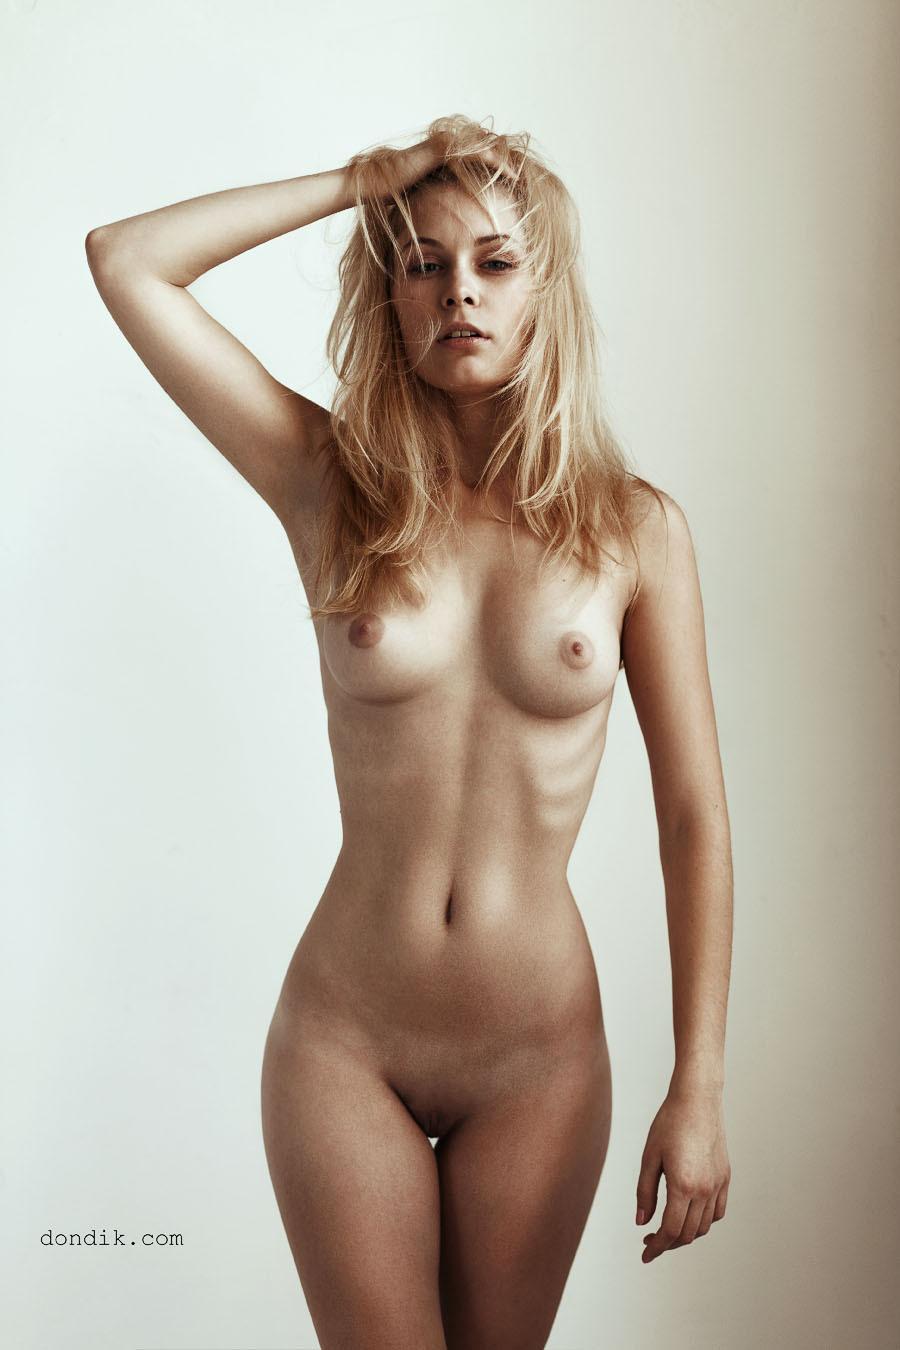 Weekly erotic picdump - 38/2014 - 39